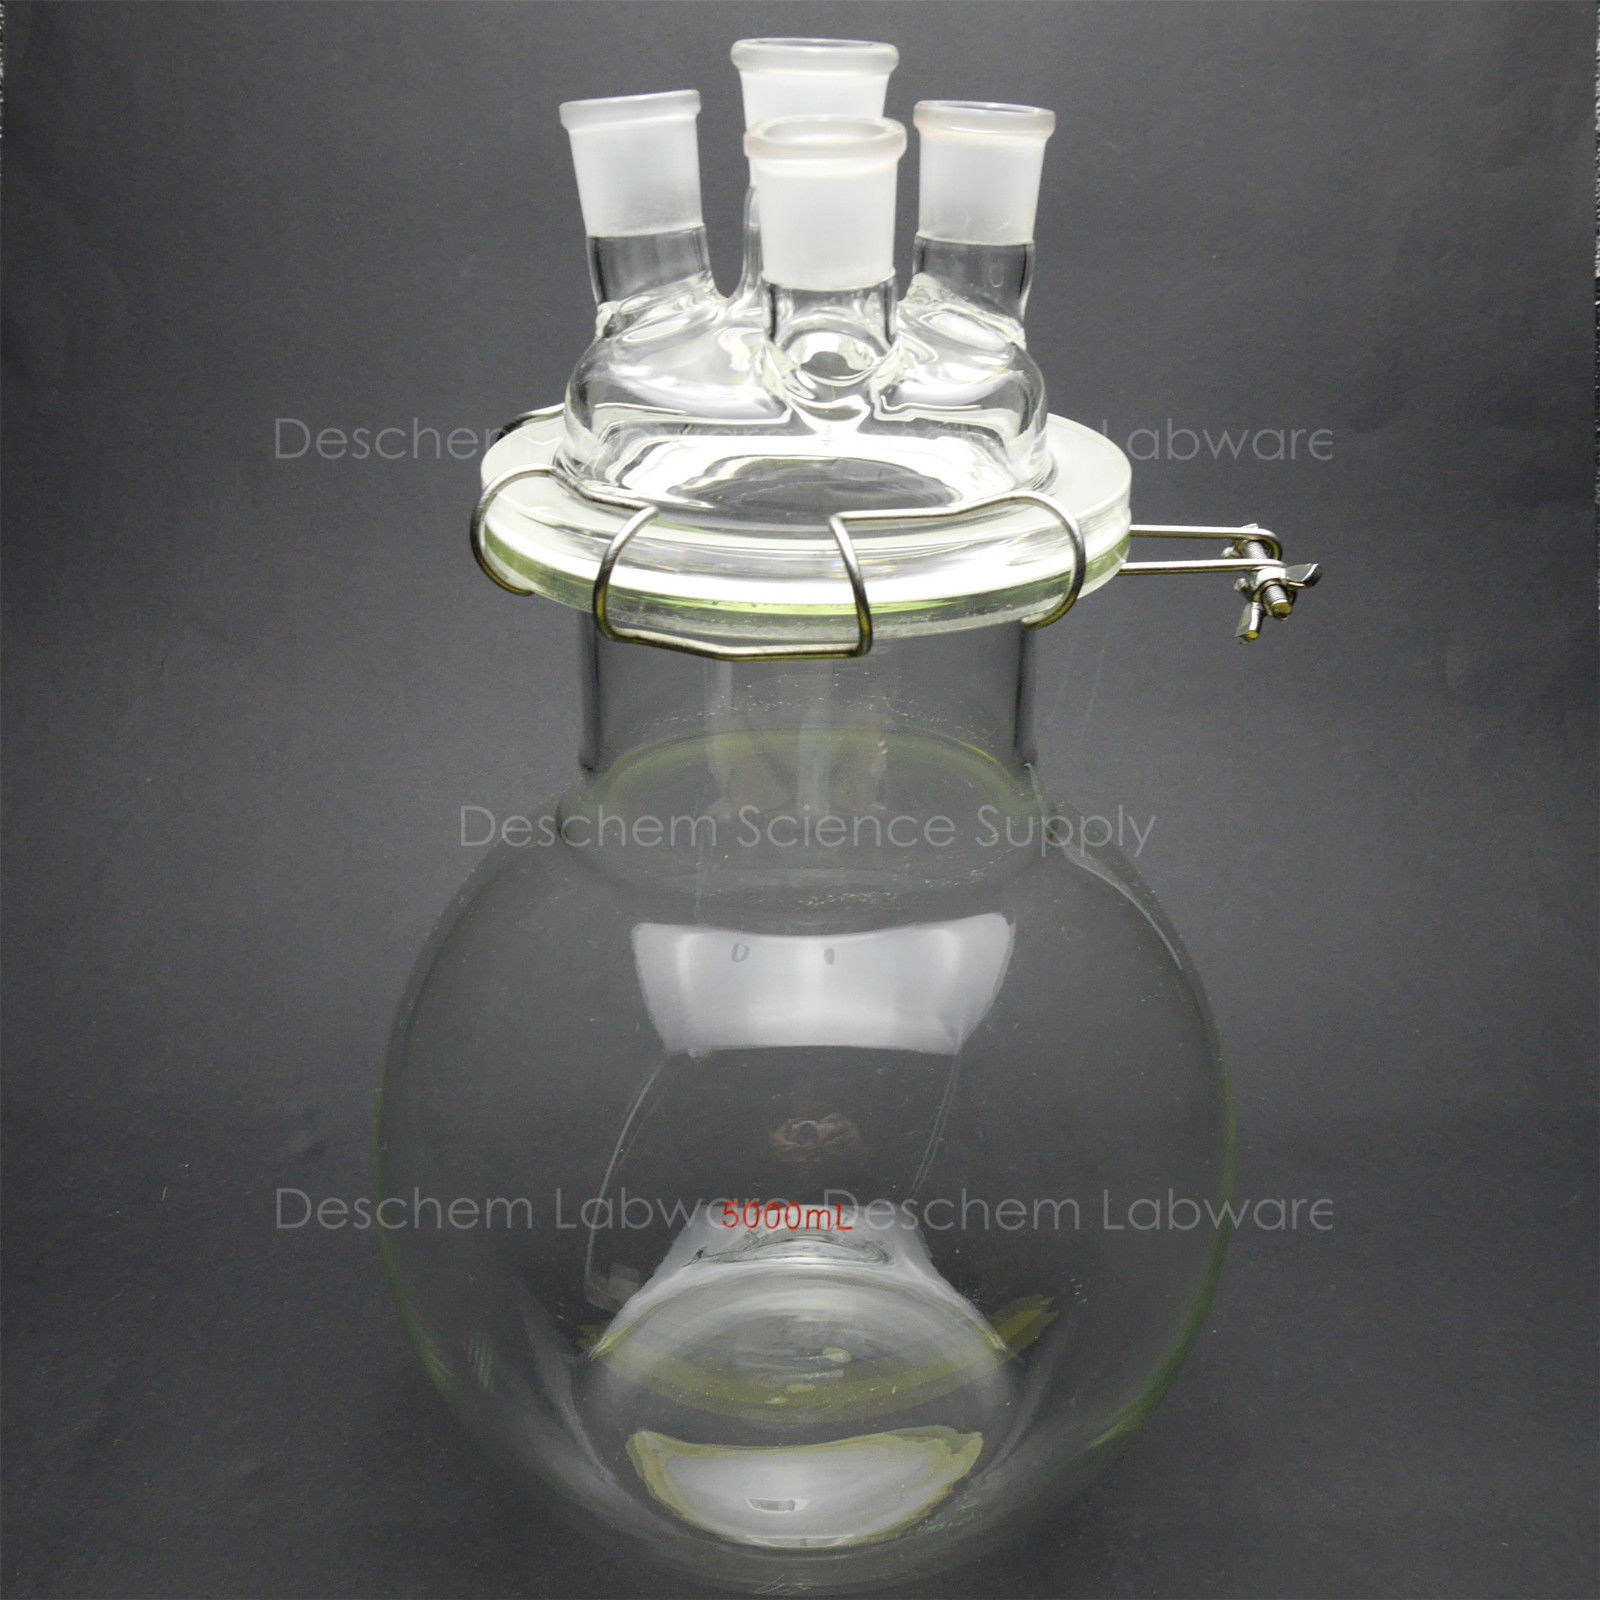 5000 ml, Vidro Vaso de Reação, 5L, 24/29, 4-pescoços, Laboratório de Química Reactor, Fundo Plano